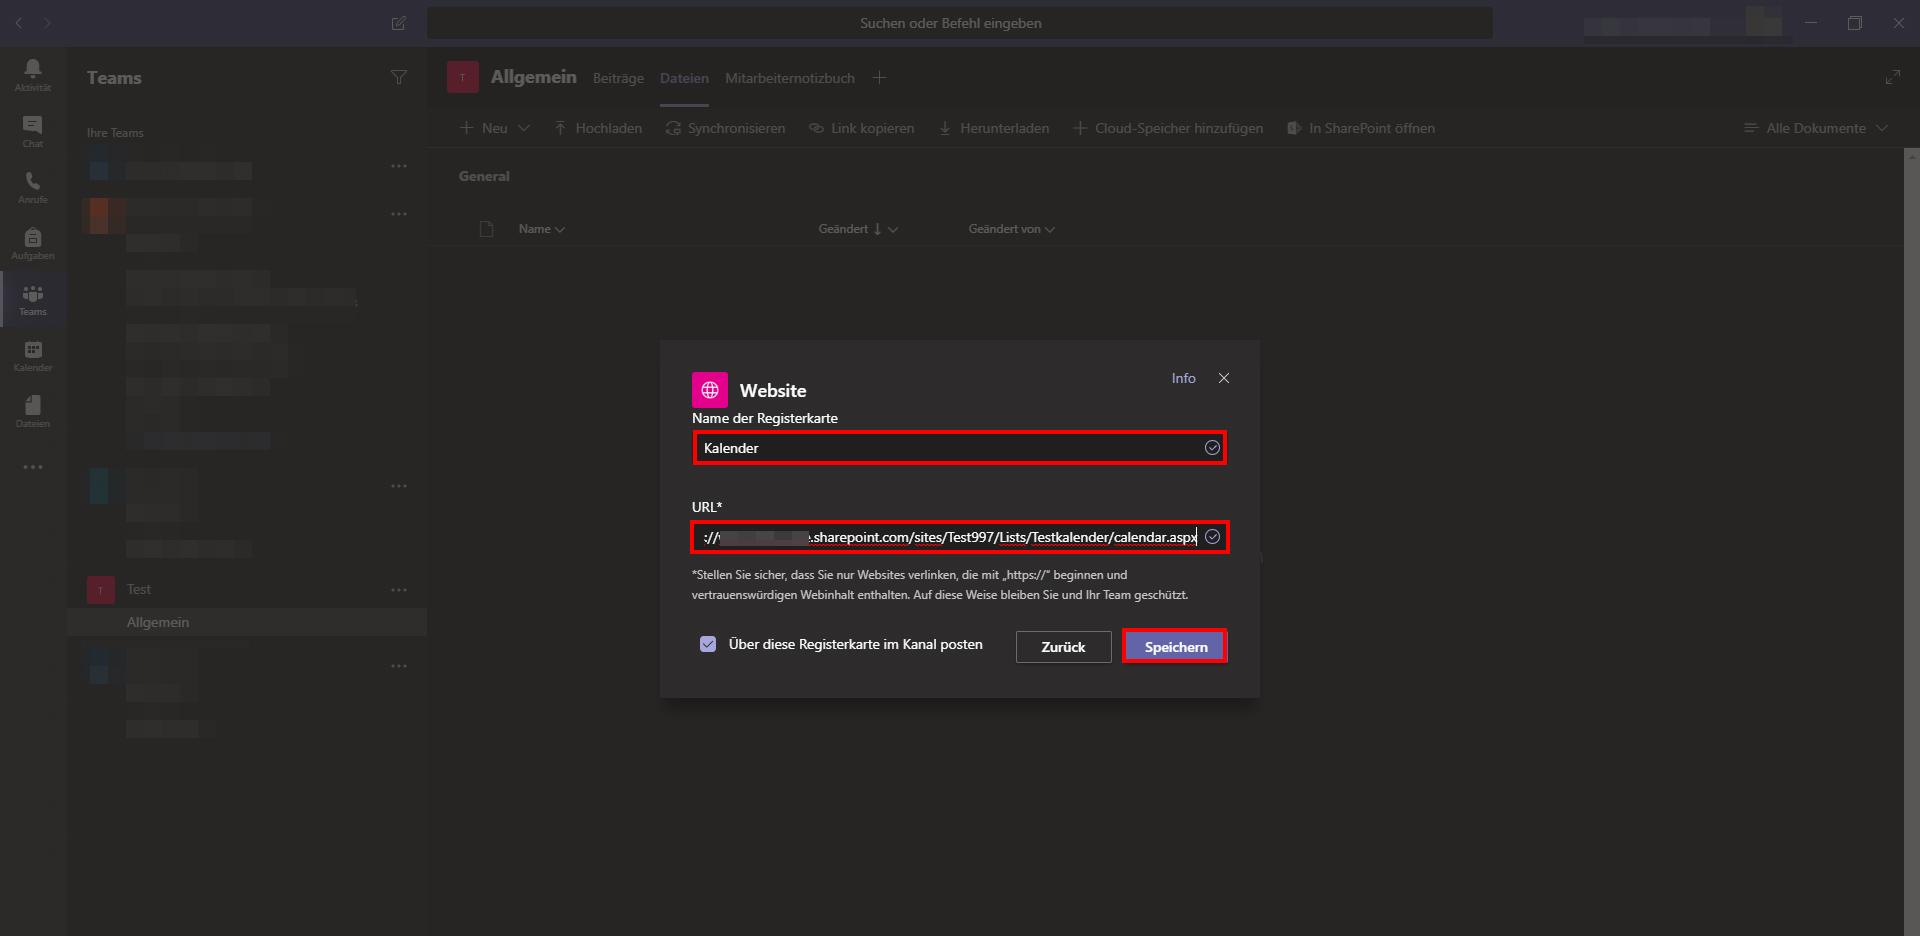 Teamkalender zu Microsoft Teams hinzufügen